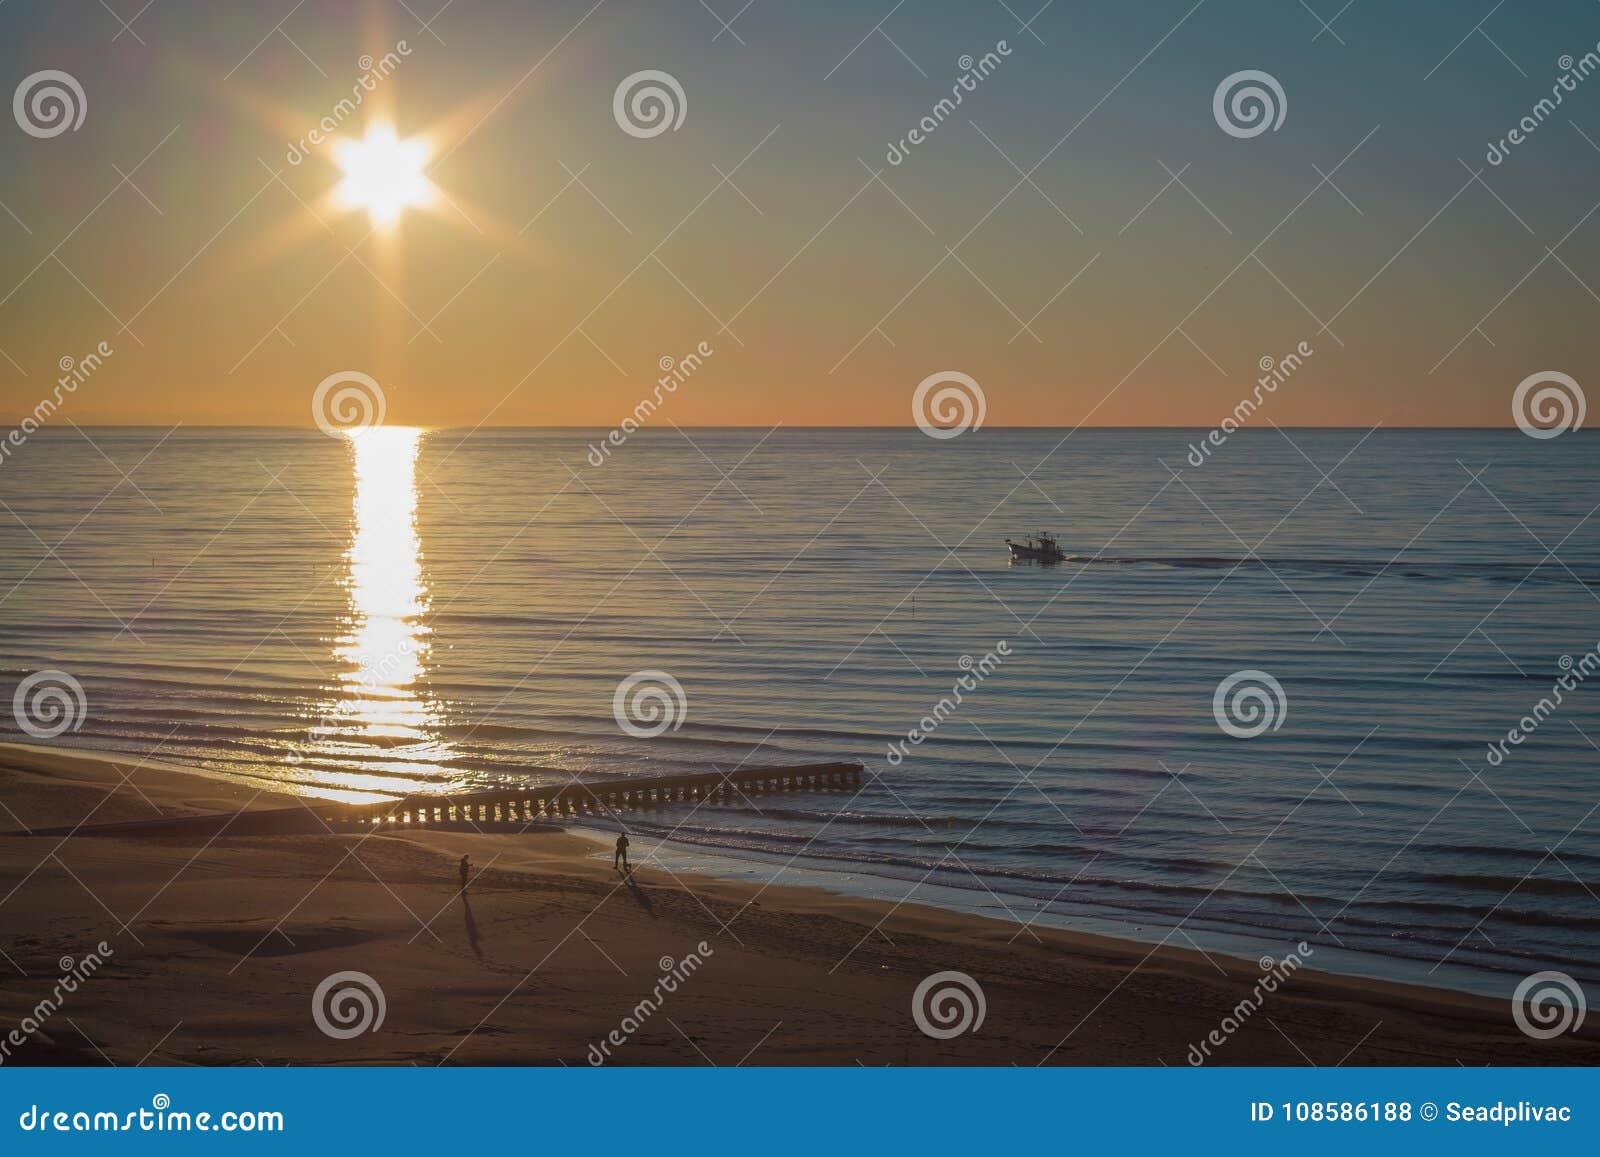 Sonnenuntergang auf einem sandigen Strand mit einem Dock